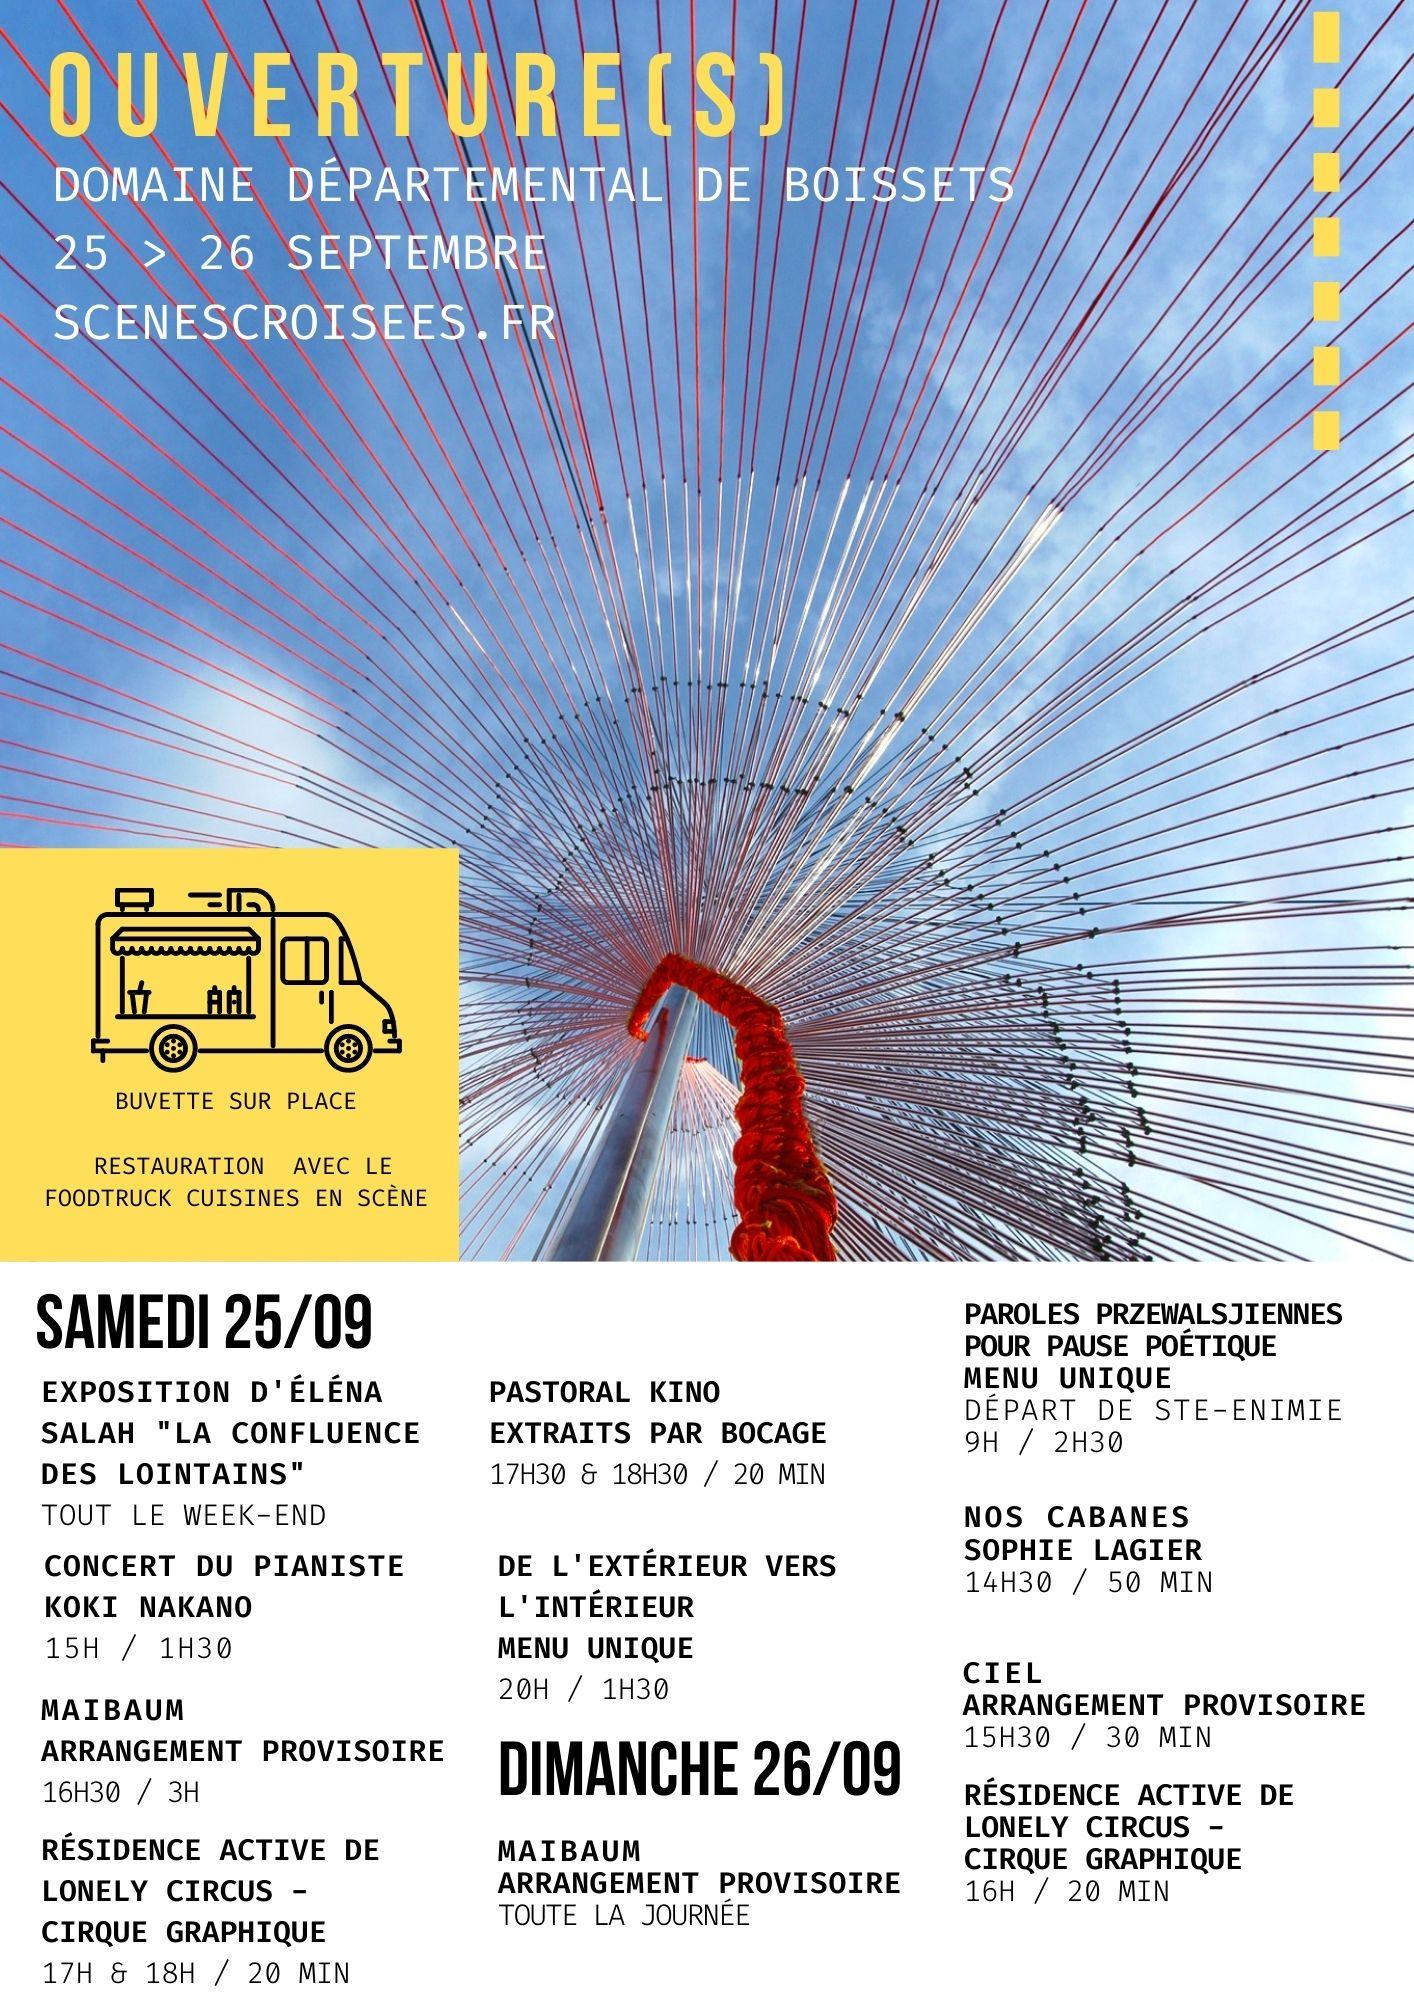 ★ OUVERTURE(S) – 25 & 26 septembre au Domaine départemental de Boissets ★